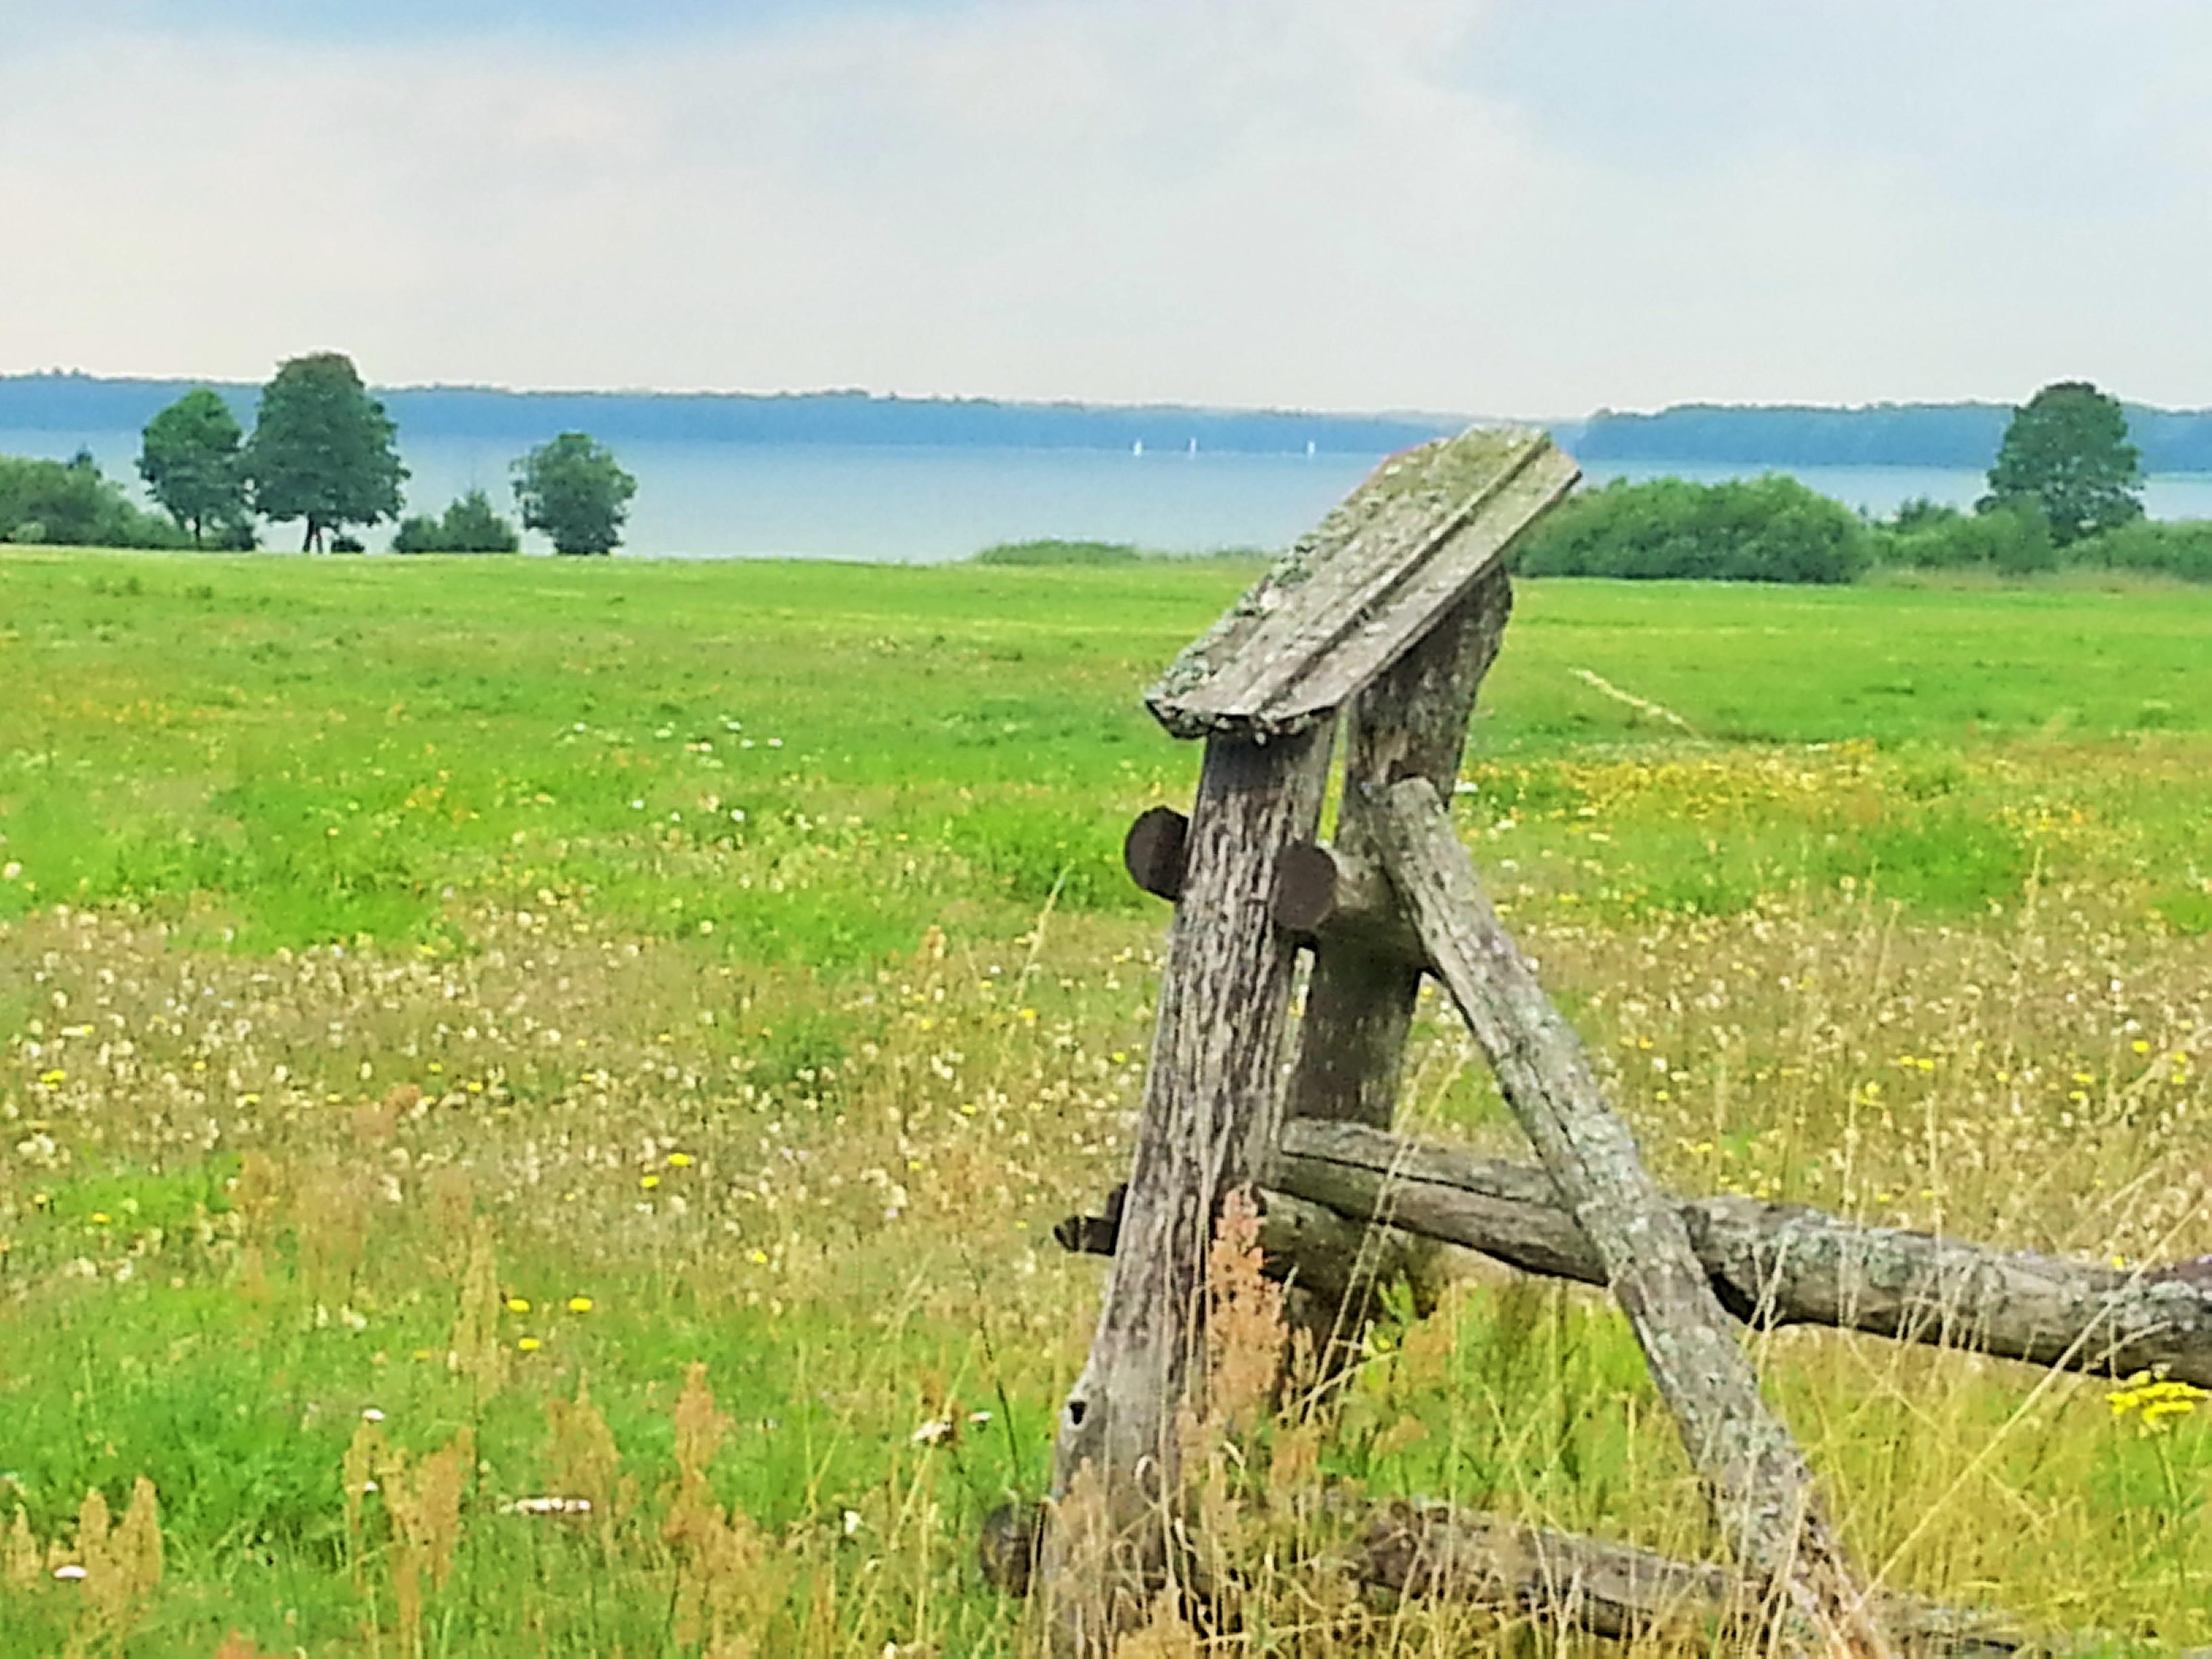 Noclegi nad jeziorem Swięcajty, Mazury, okolica miejscowości Kal